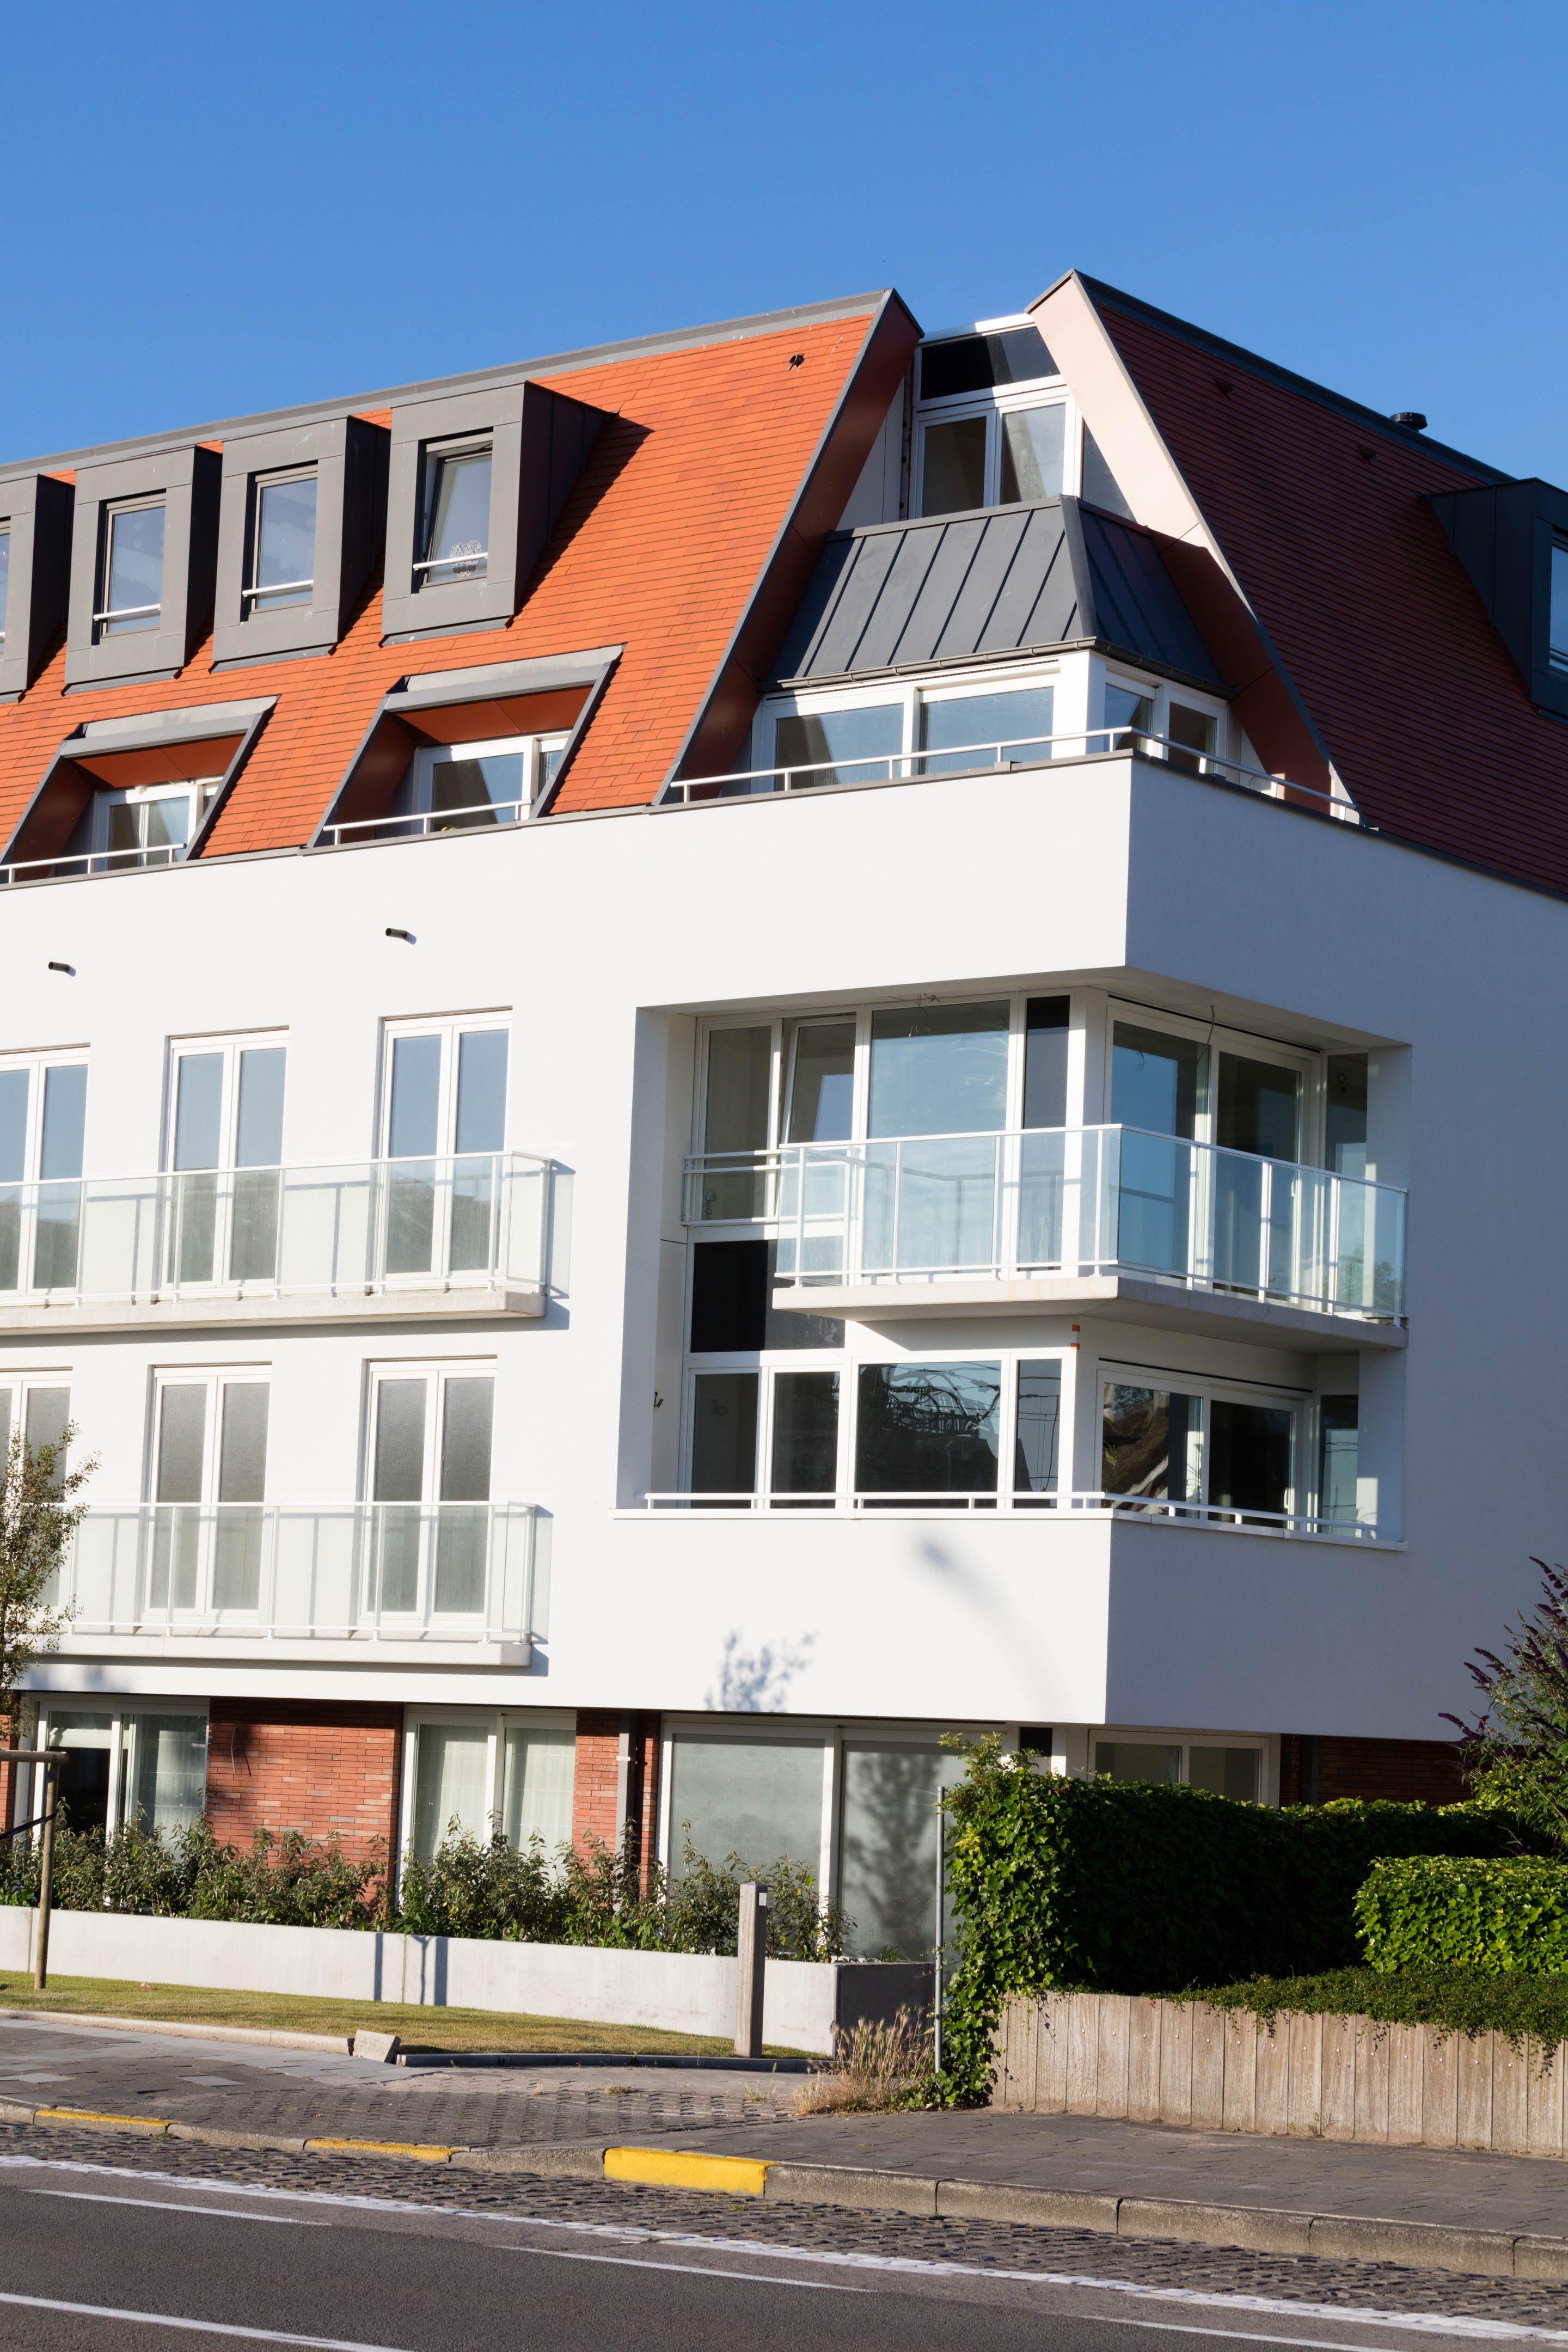 Appartement Residentie Villa Crombez Nieuwpoort - 3617